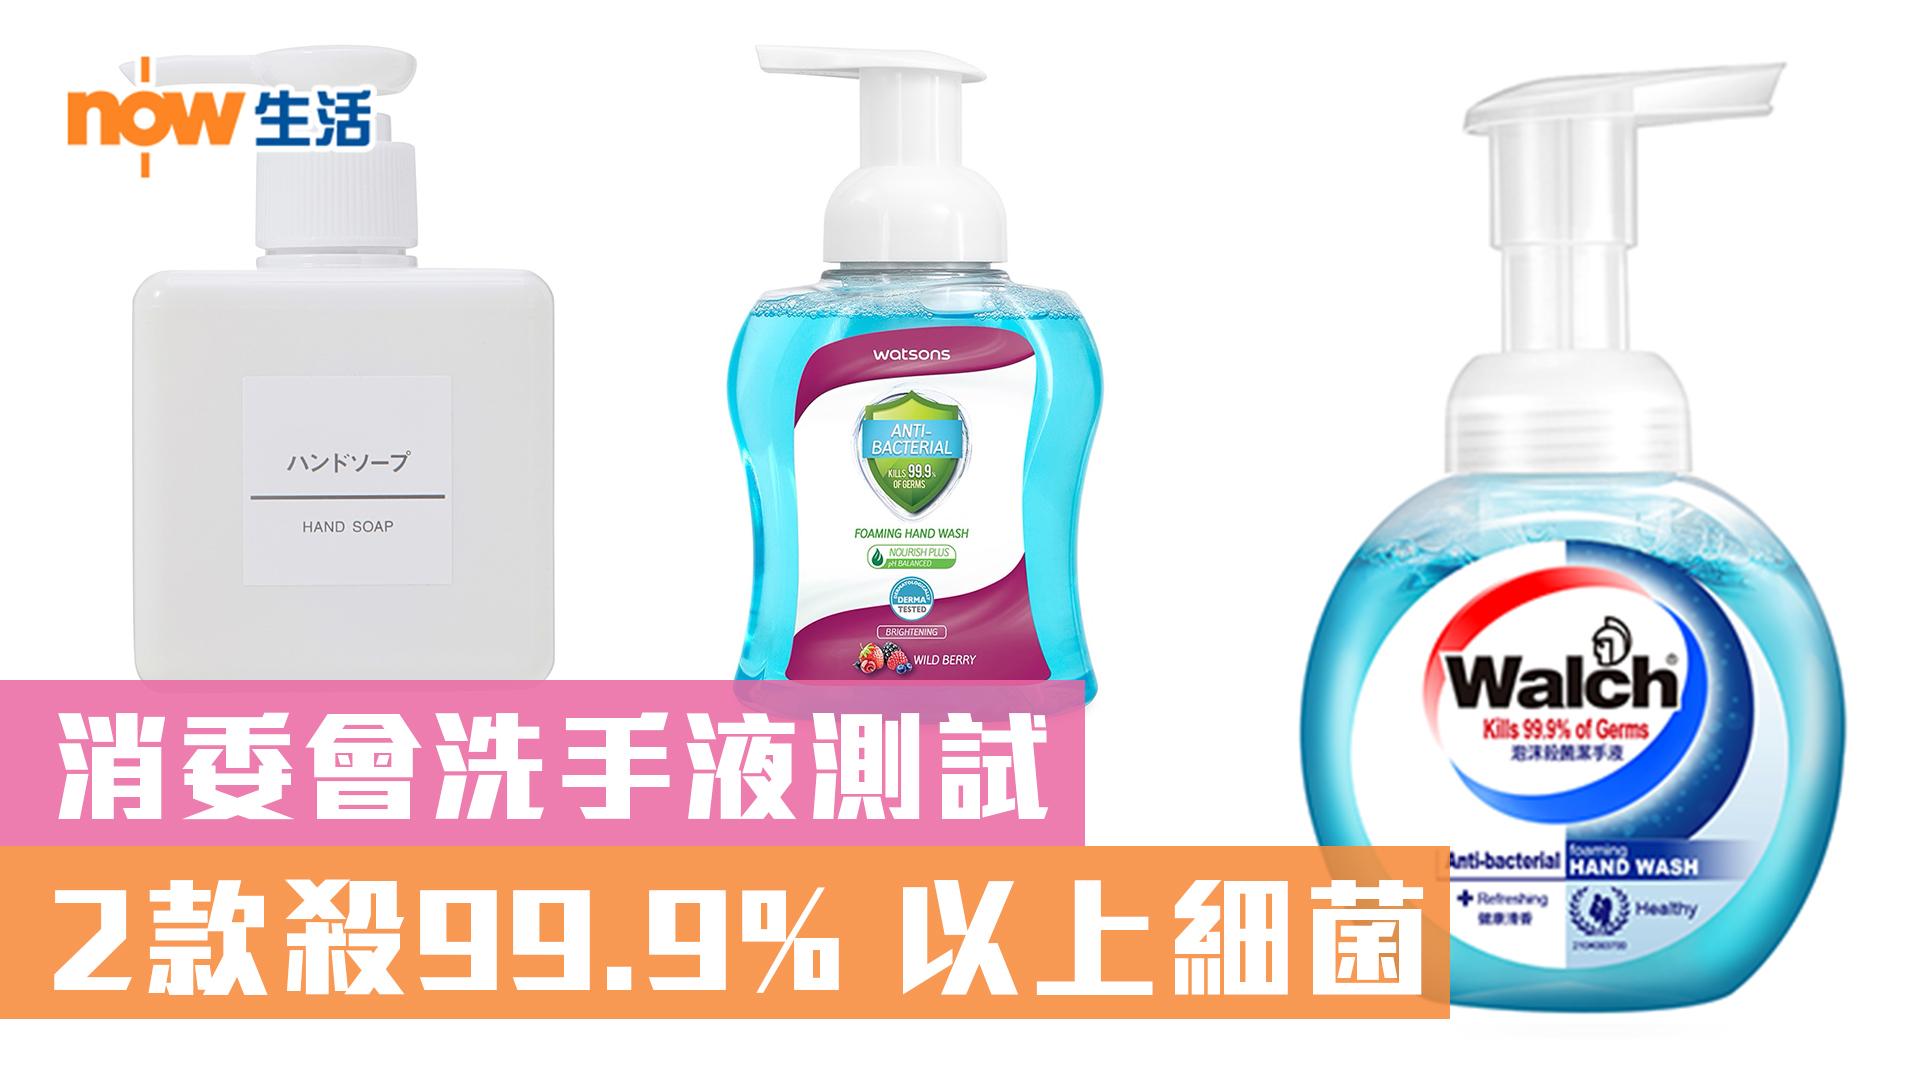 【武漢肺炎】消委會洗手液測試 2款殺99.9% 以上細菌